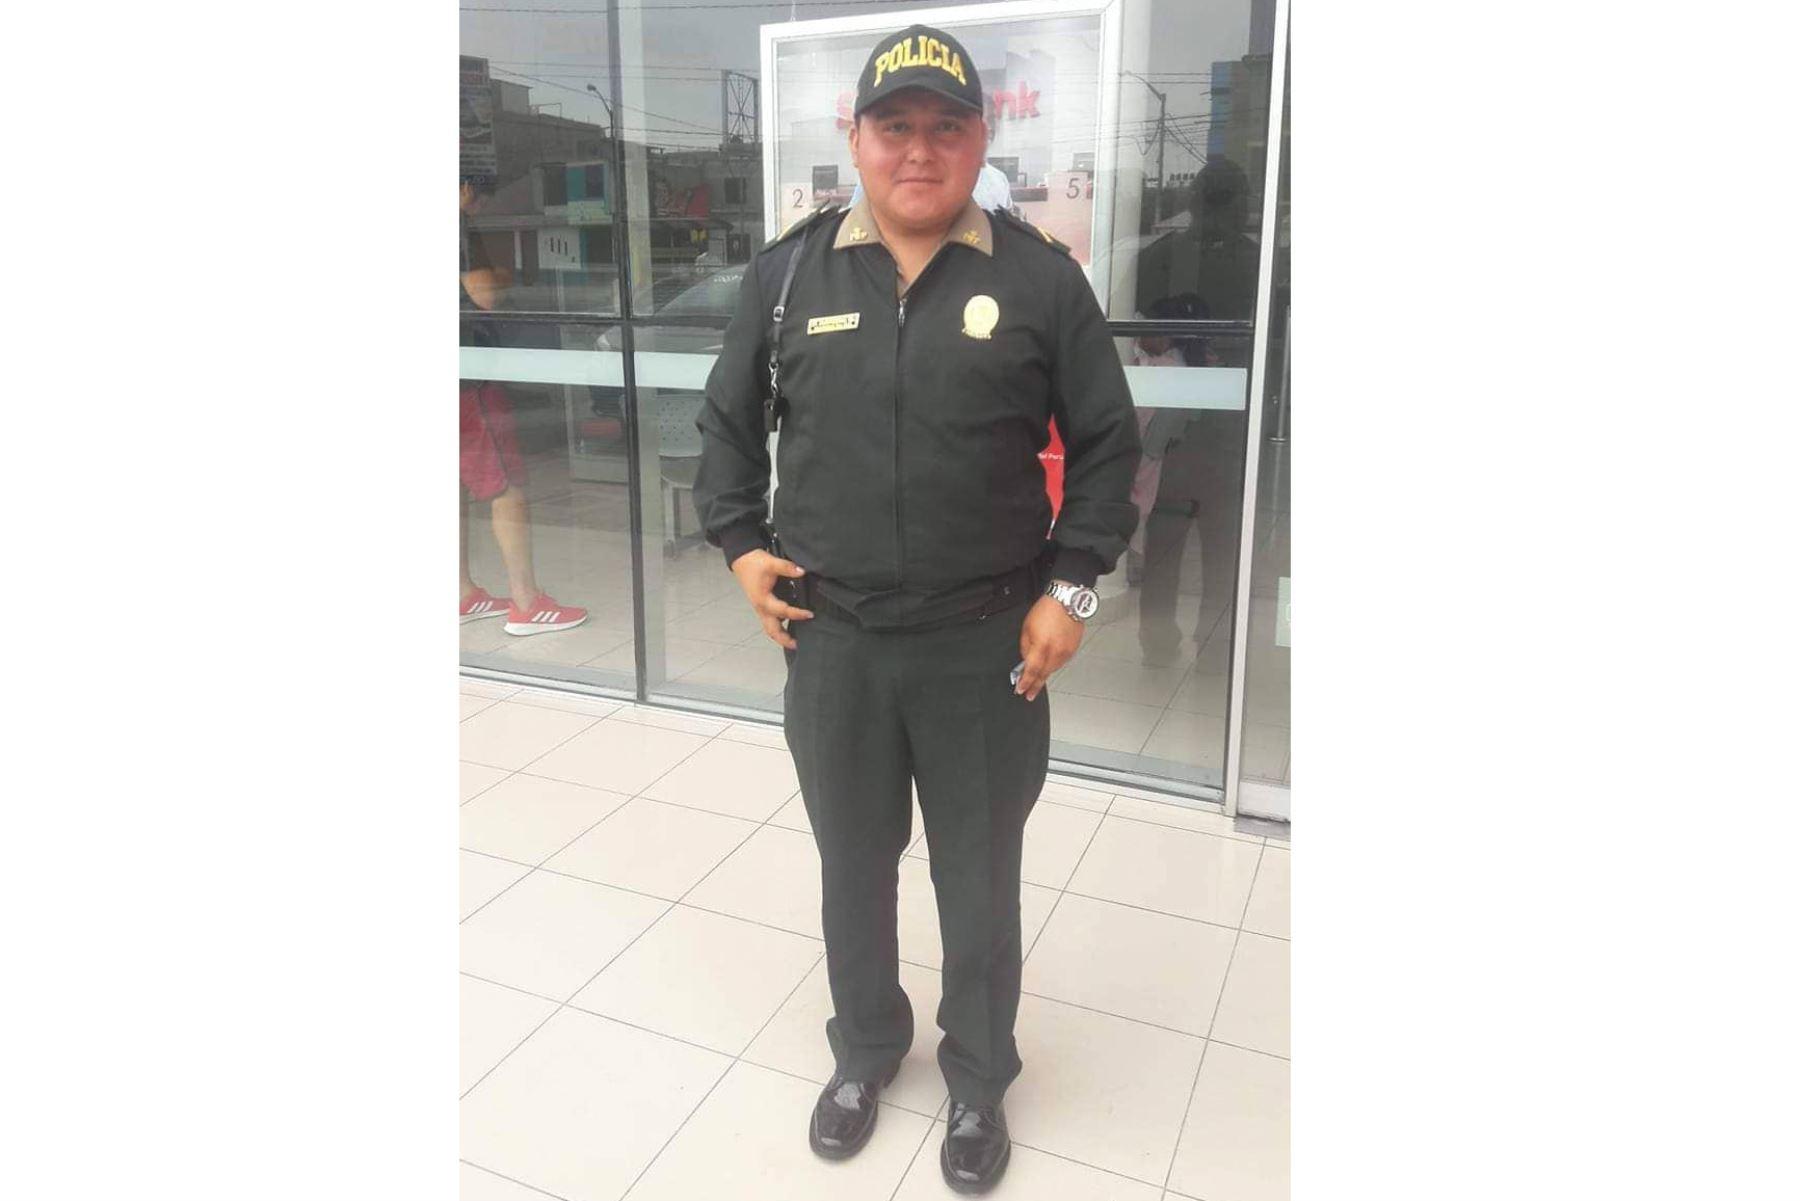 La honradez del policía Ágreda Carbajal,quien devolvió dinero olvidado en un cajero por anciano, fue elogiada en Chimbote. Foto: Cortesía/Gonzalo Horna